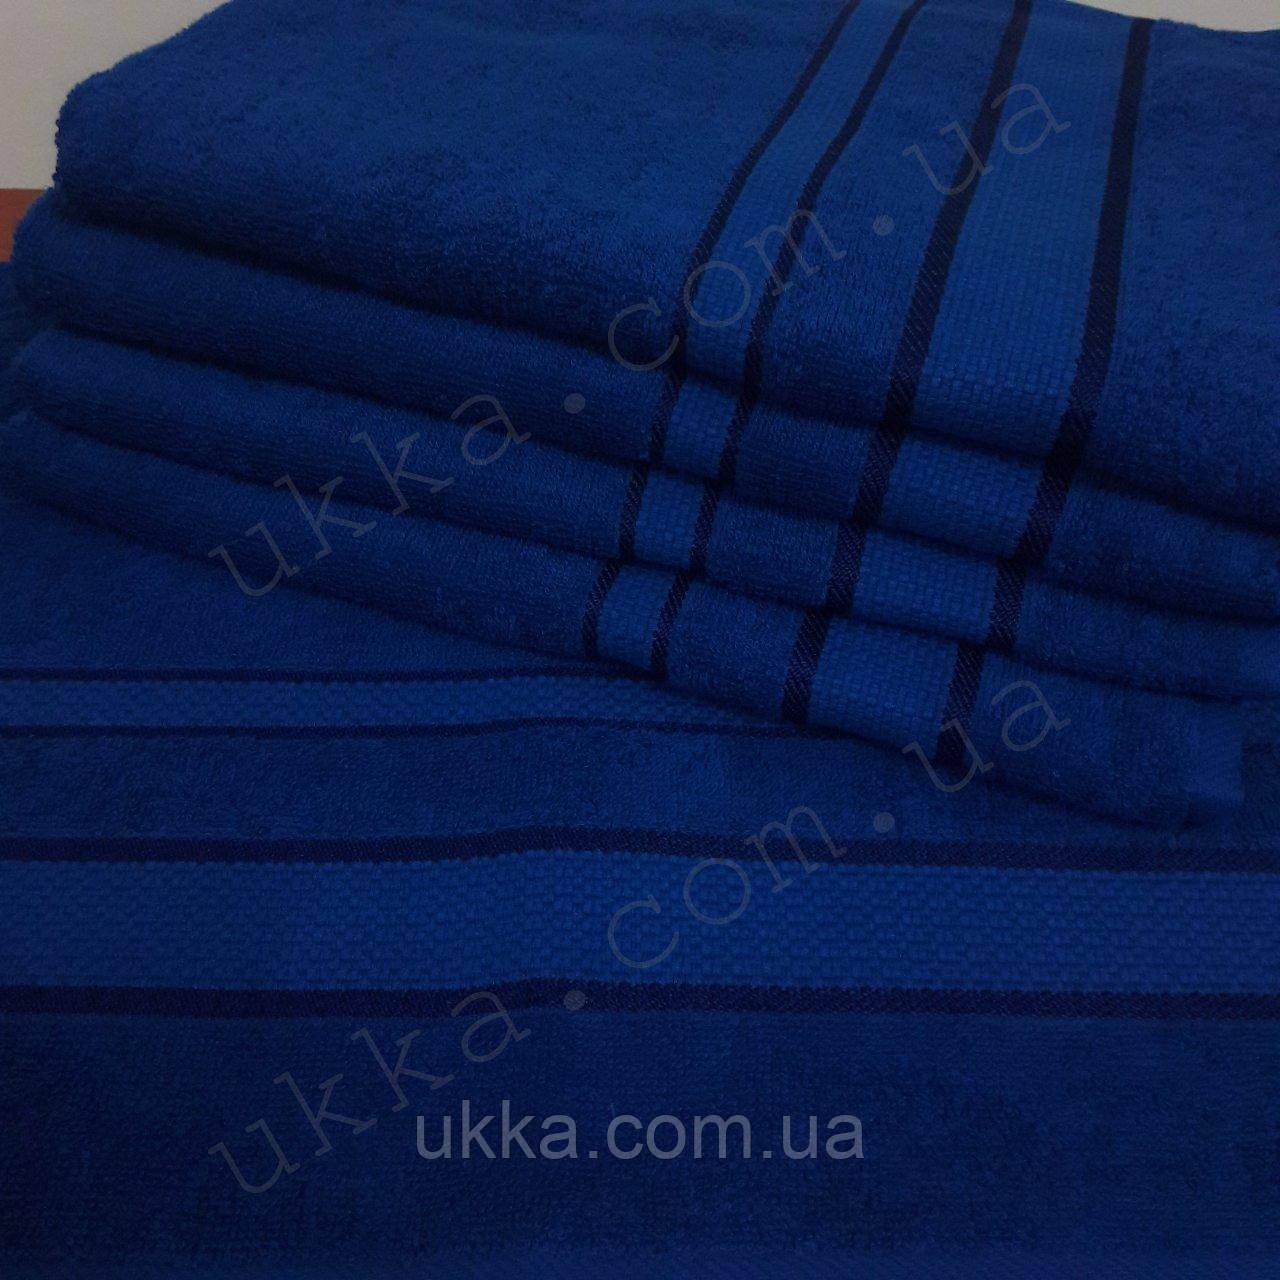 Полотенце махровое 40х70 Синий для рук 100% хлопок Узбекистан